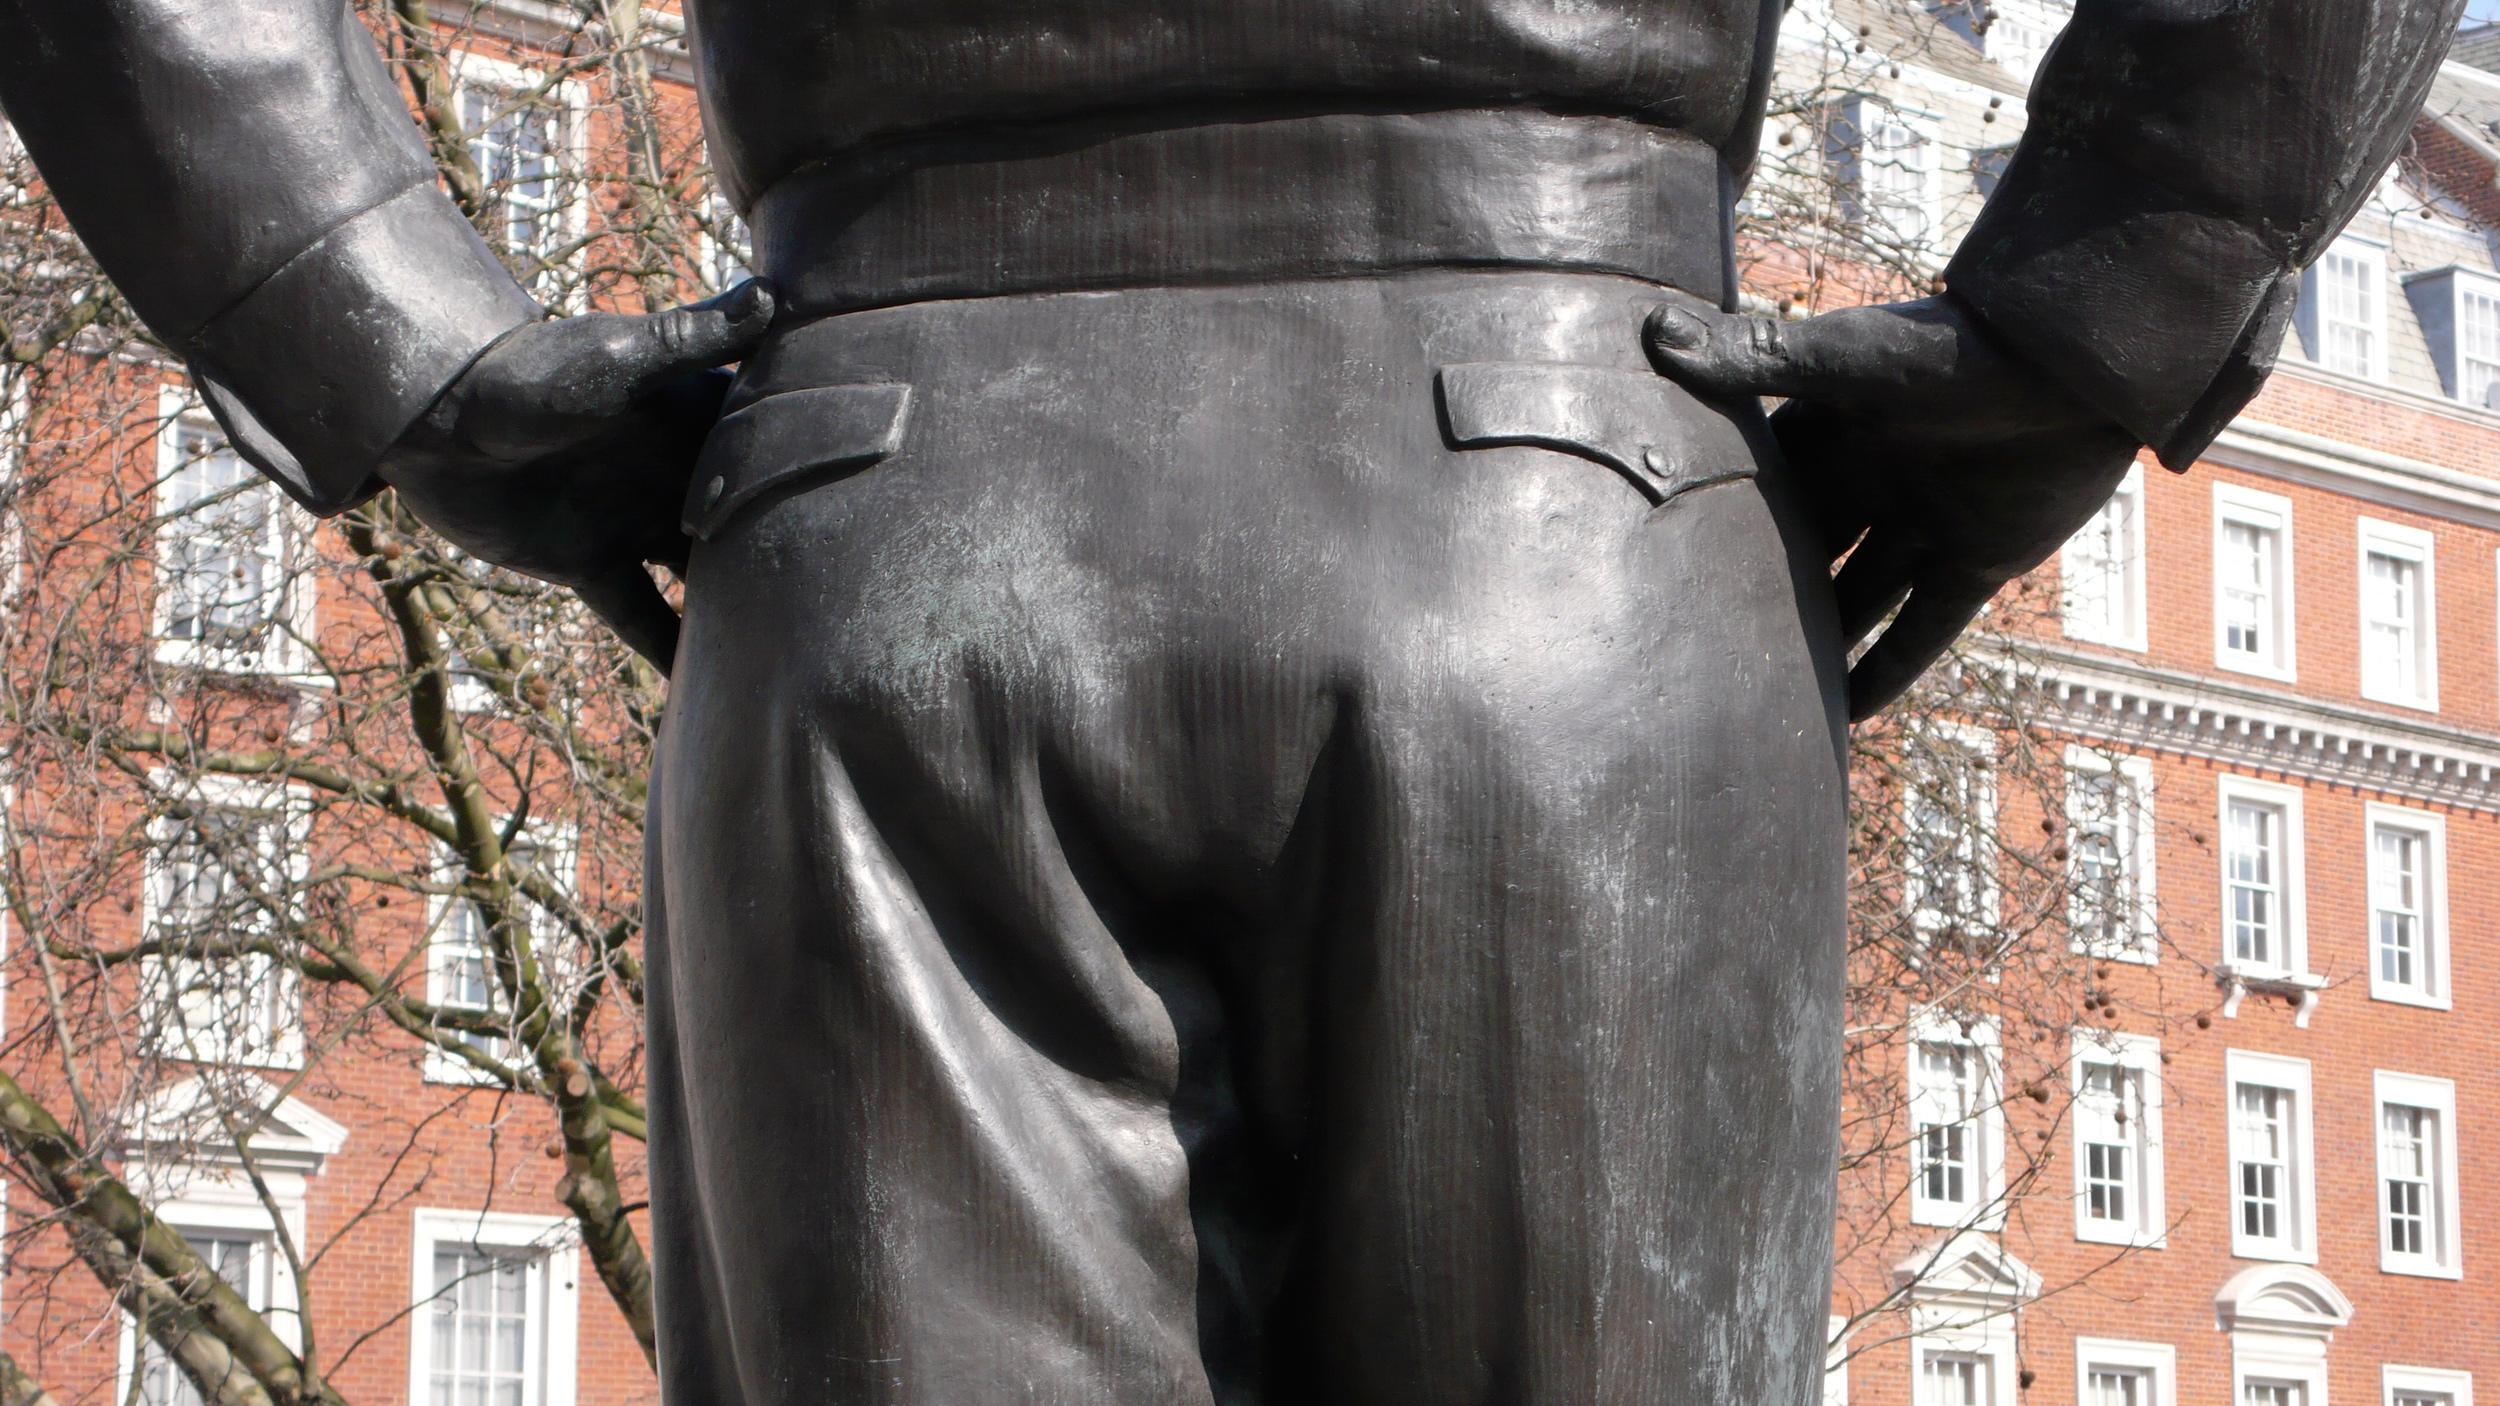 London (Dwight Eisenhower's Butt)